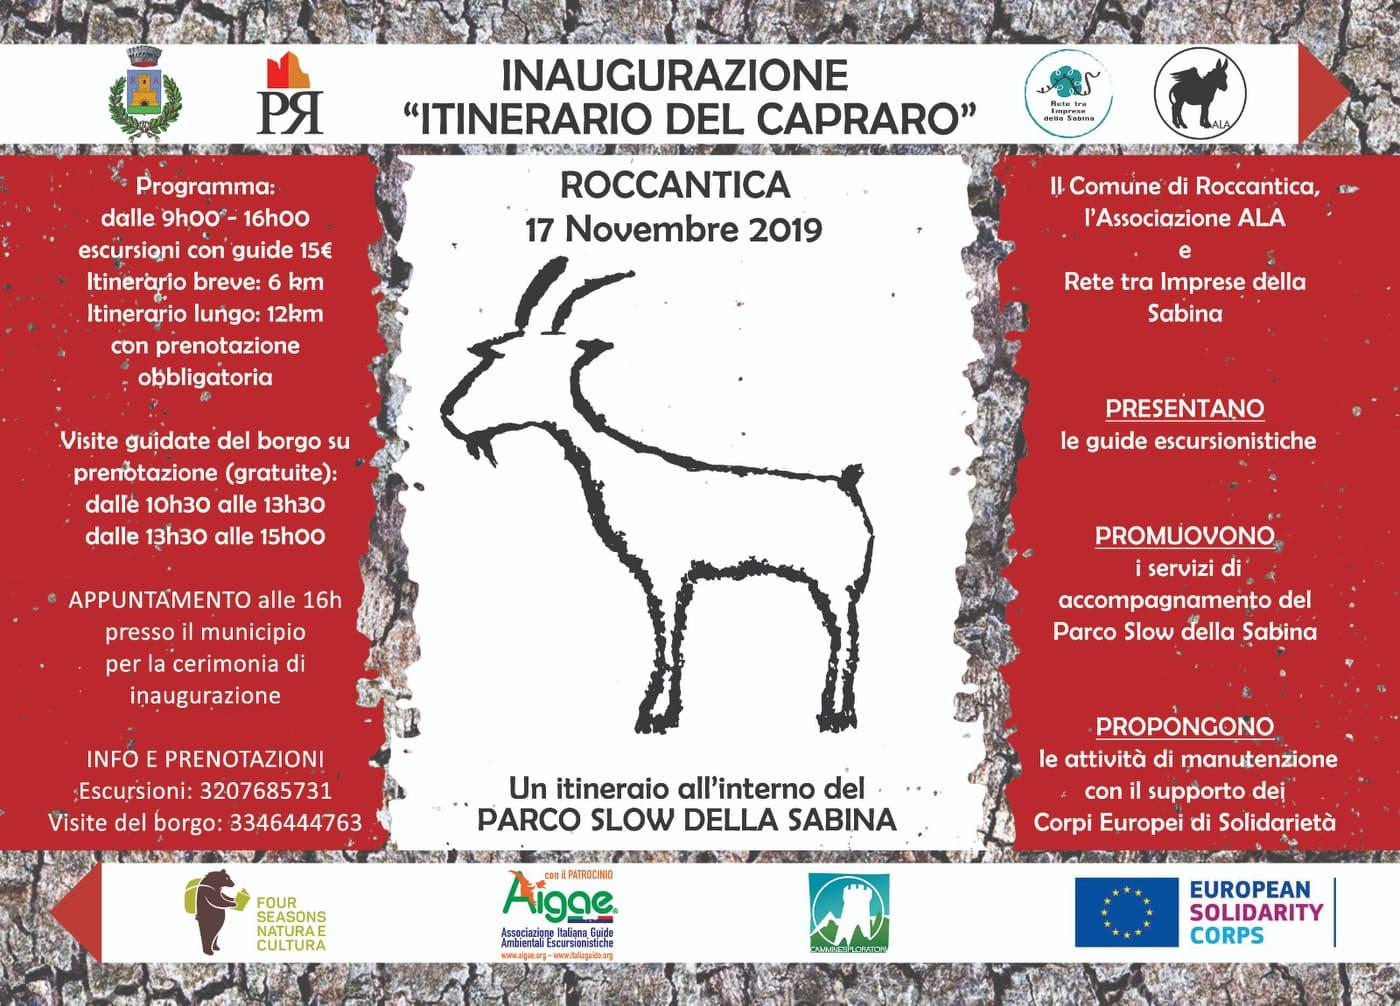 Itinerario del Capraro - eventi in sabina